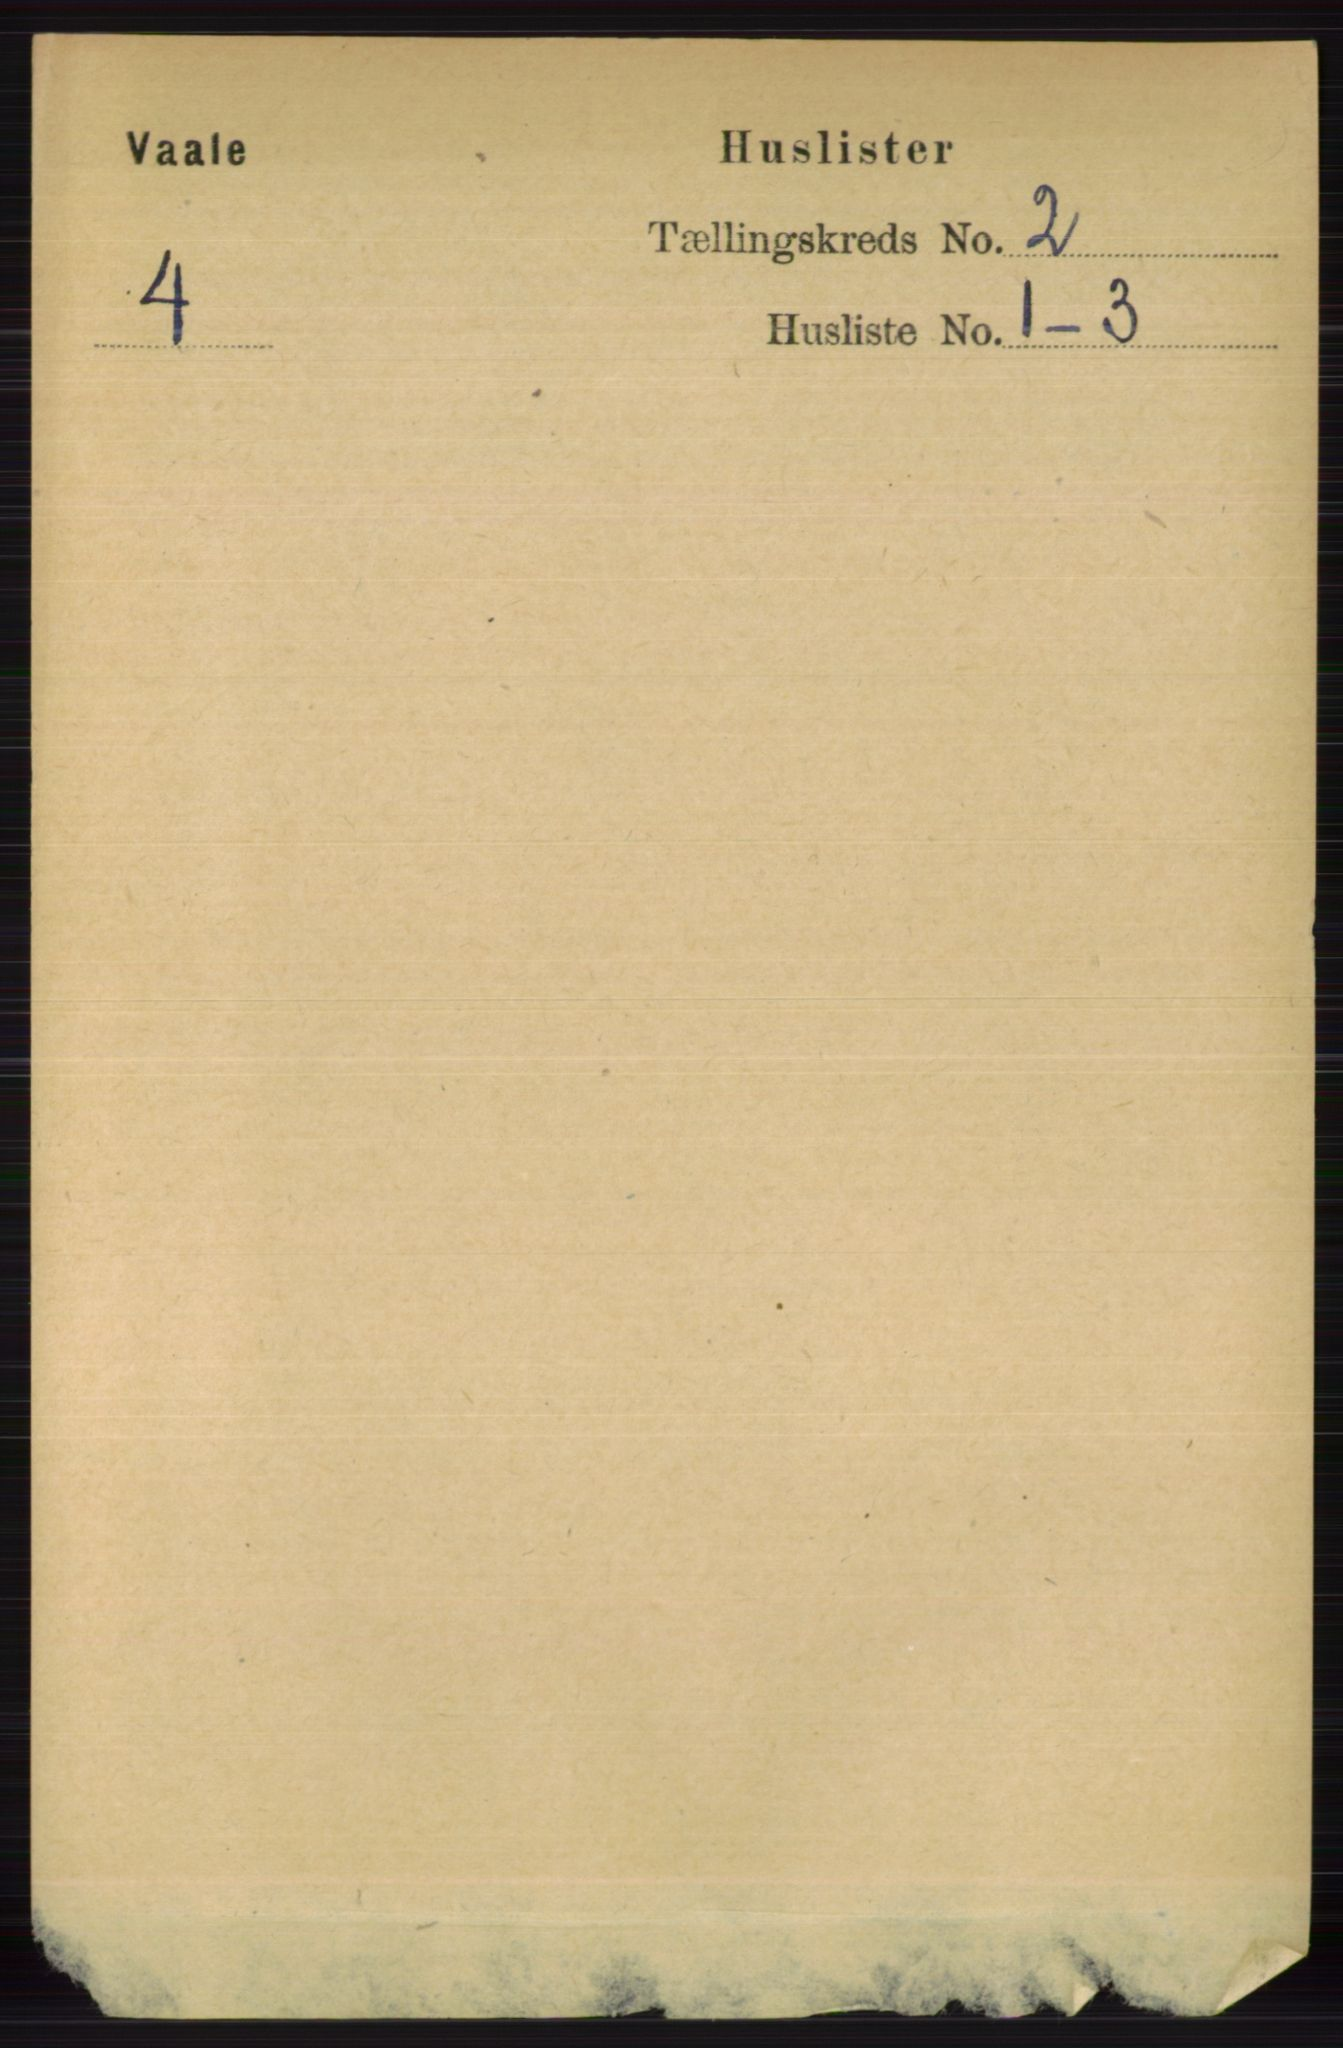 RA, Folketelling 1891 for 0716 Våle herred, 1891, s. 423